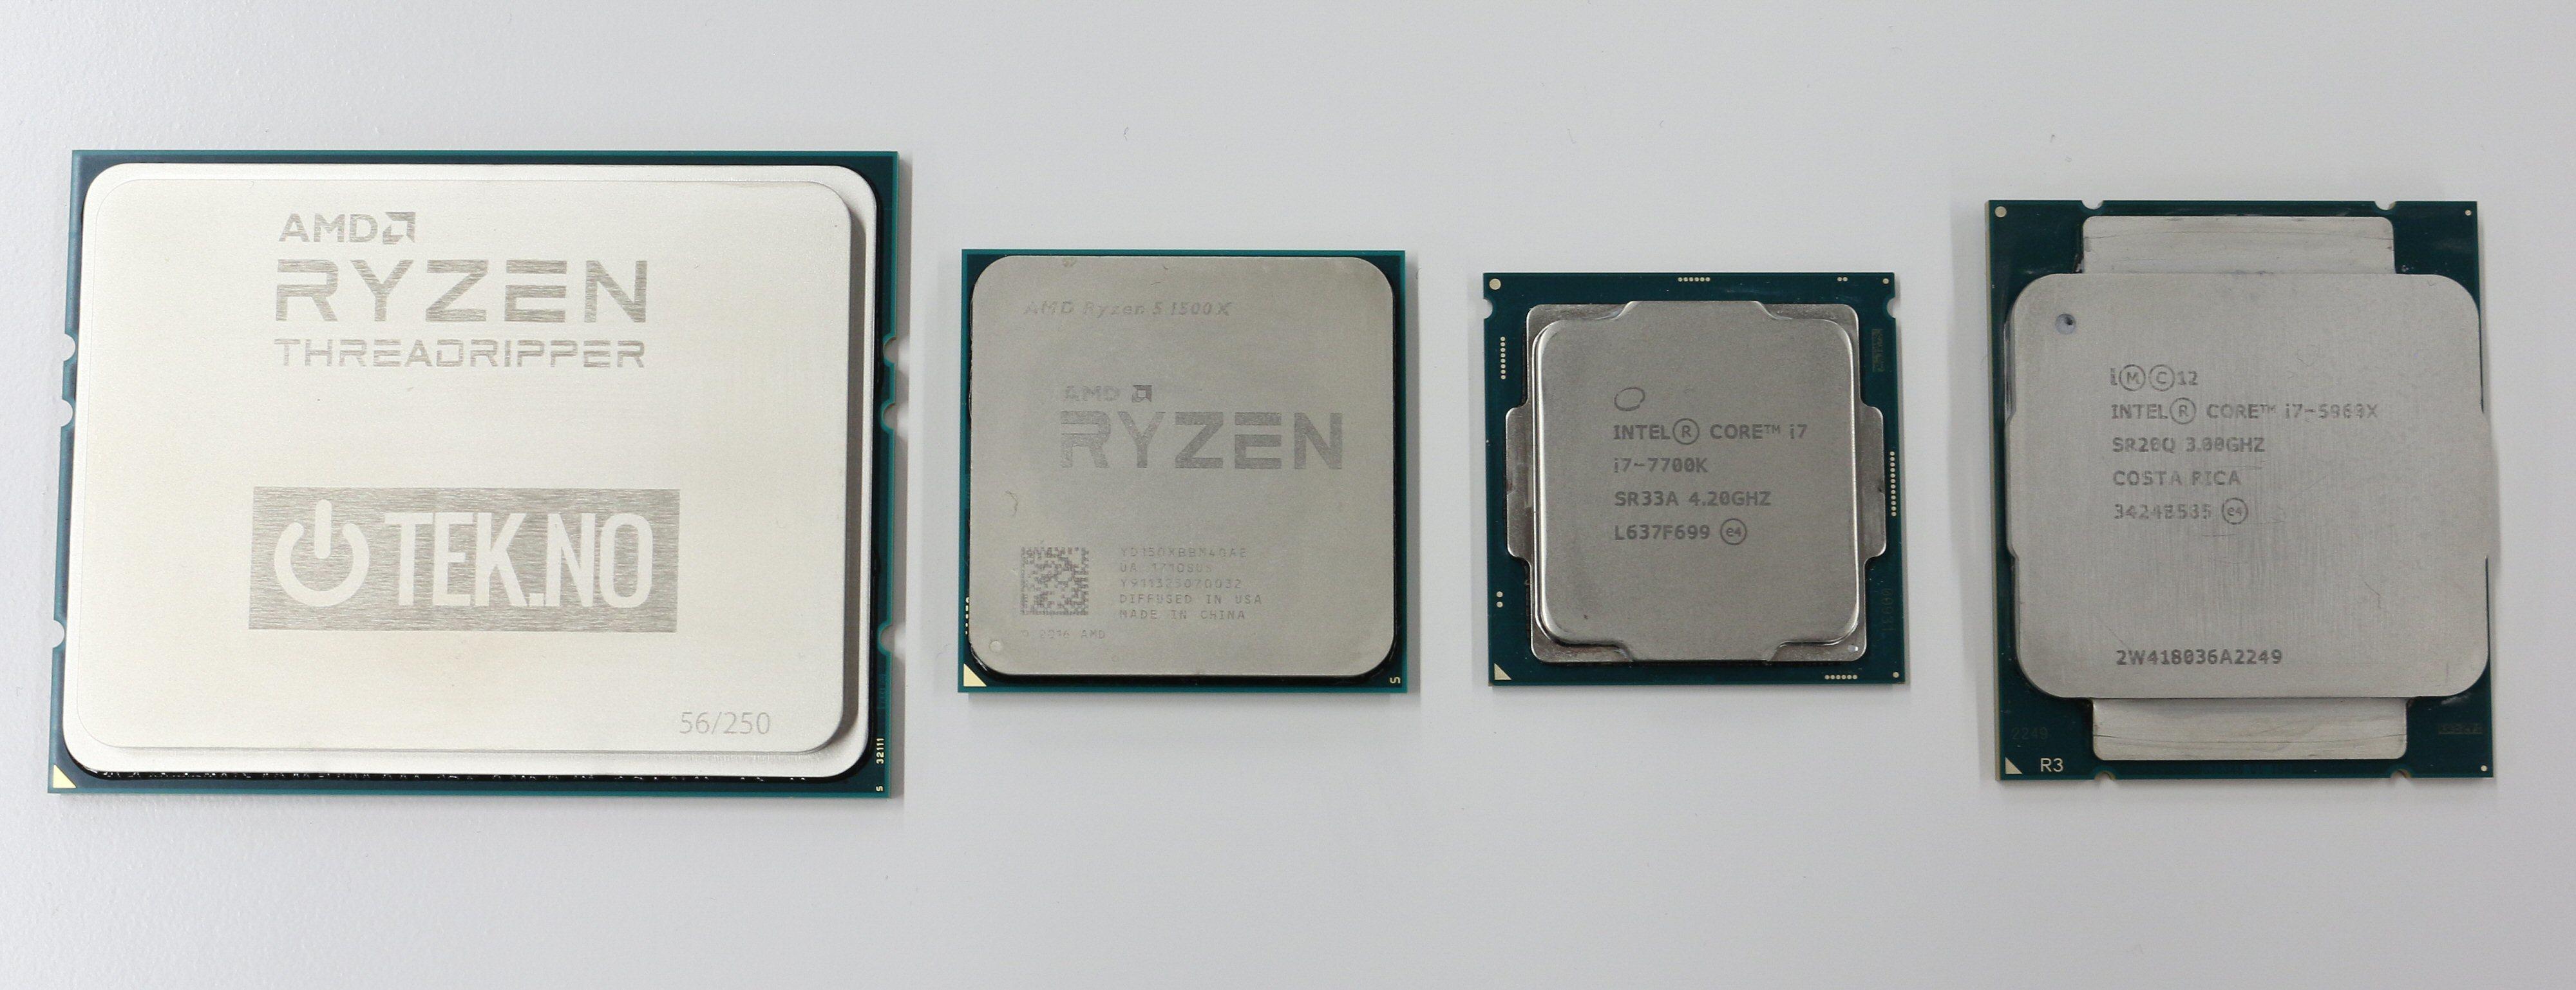 Forskjeller i størrelse. fra venstre: AMD Ryzen Threadripper, AMD Ryzen, Intel Kaby Lake, Intel Haswell-E.